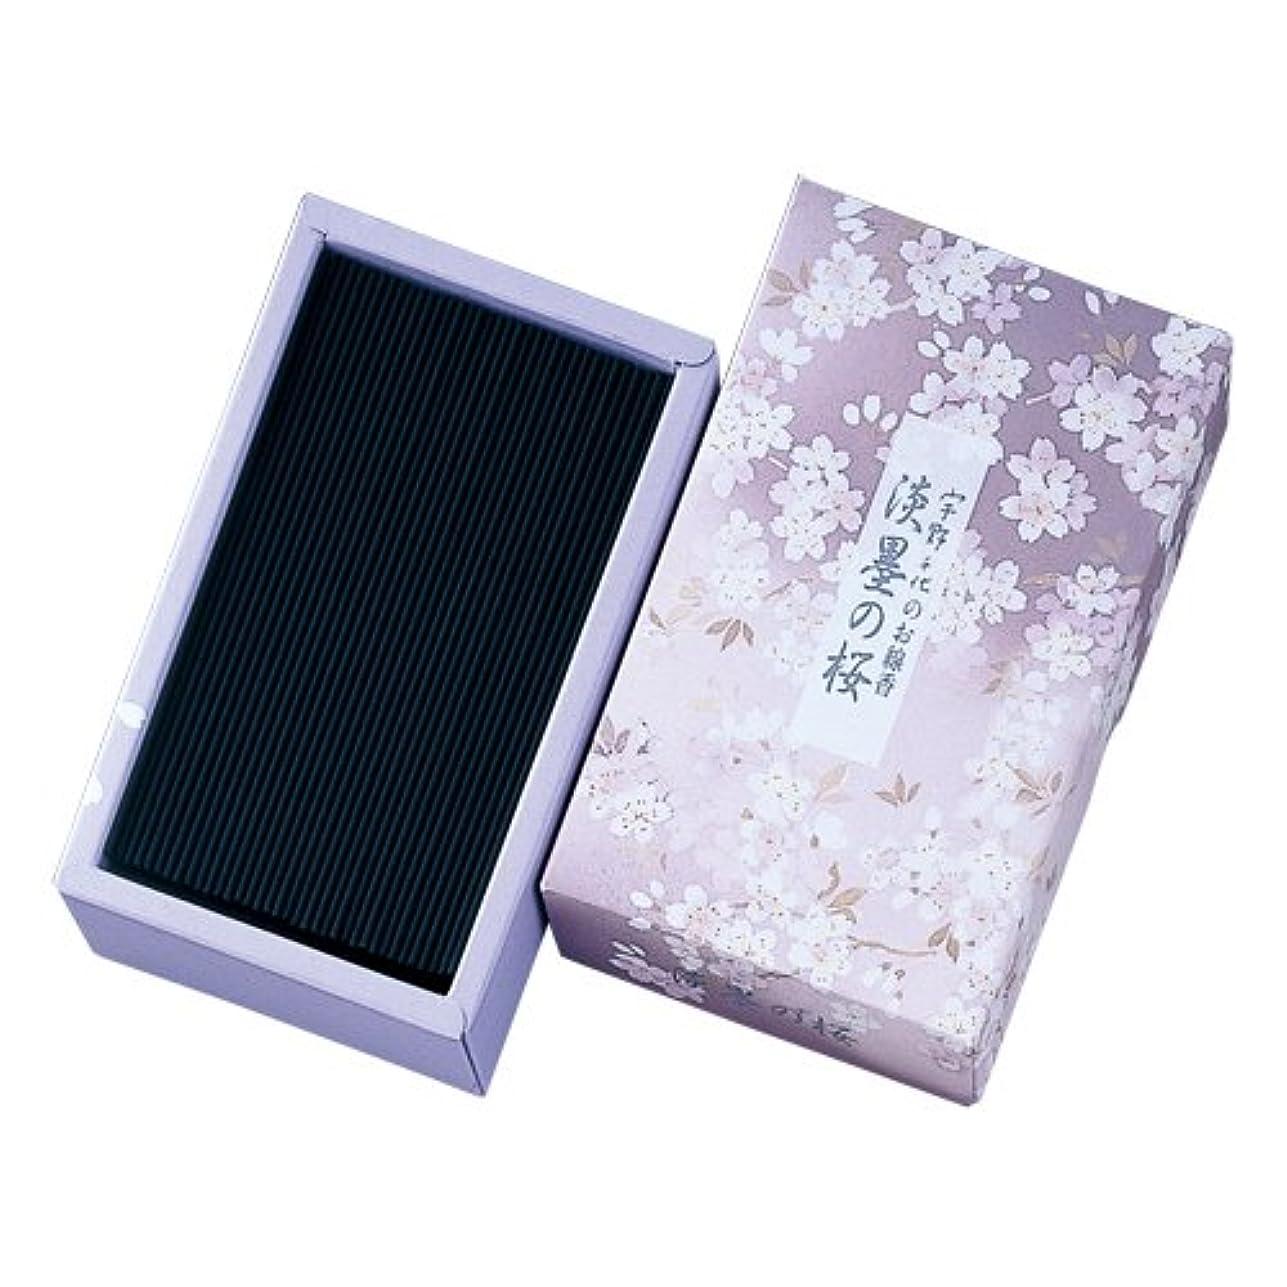 サイトライン規則性アプローチ淡墨の桜バラ詰め × 10個セット